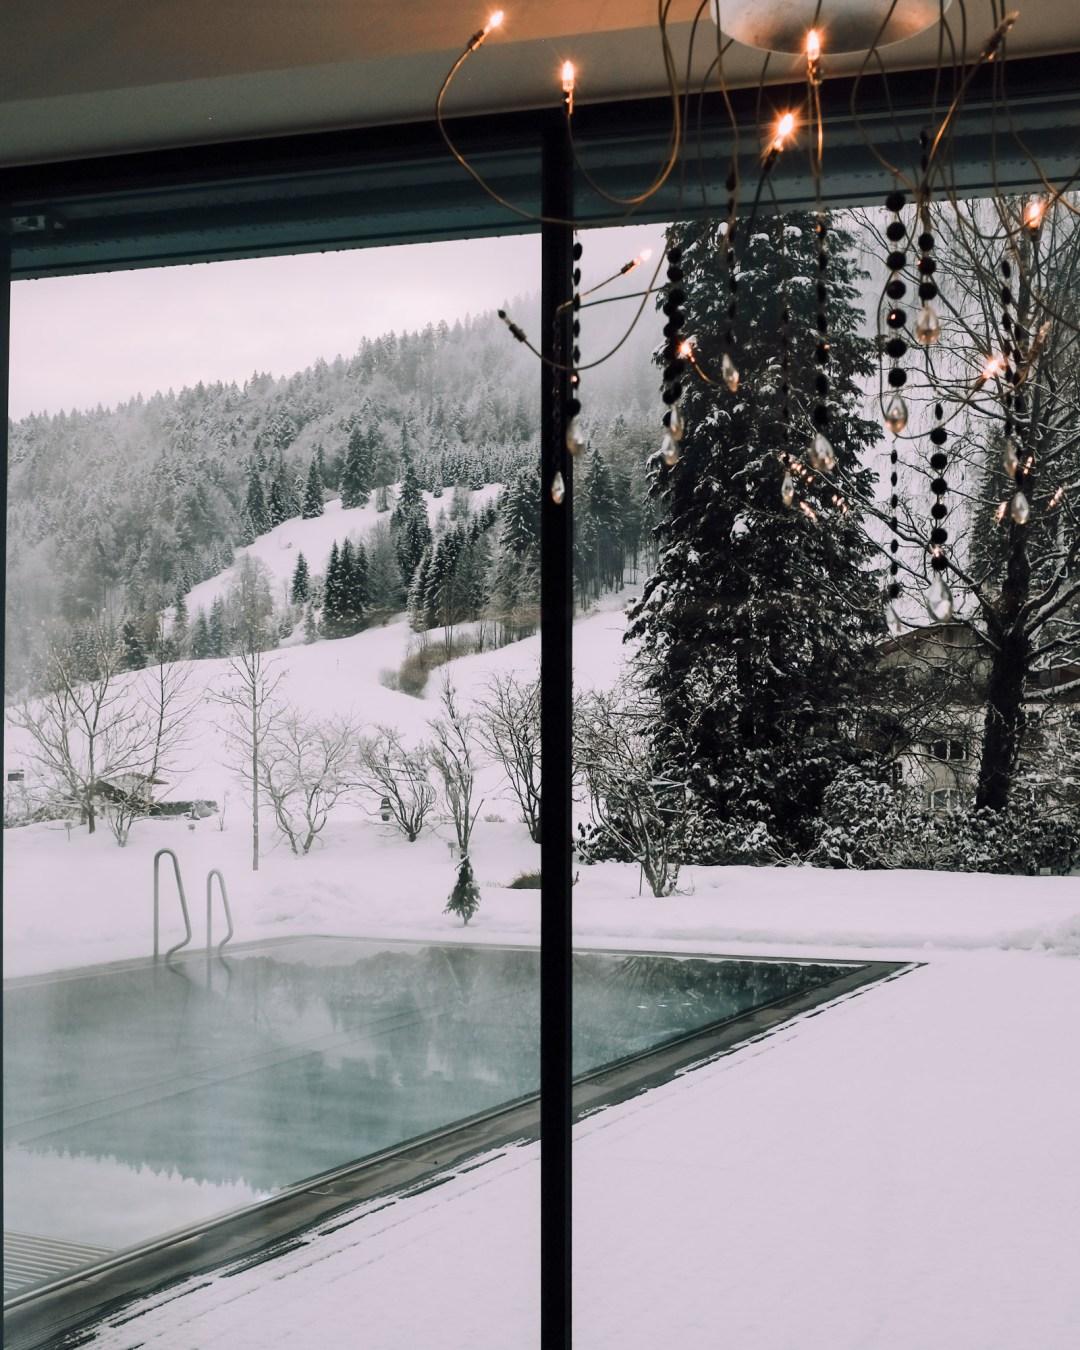 Inastil, Juffing, Hinterthiersee, Wellnesshotel, Spa, Tirol, Winterurlaub, Wellnessurlaub, Winterwonderland, Kurzurlaub, Auszeit, Natur, Ü50Blogger, Reiseblogger,_-33